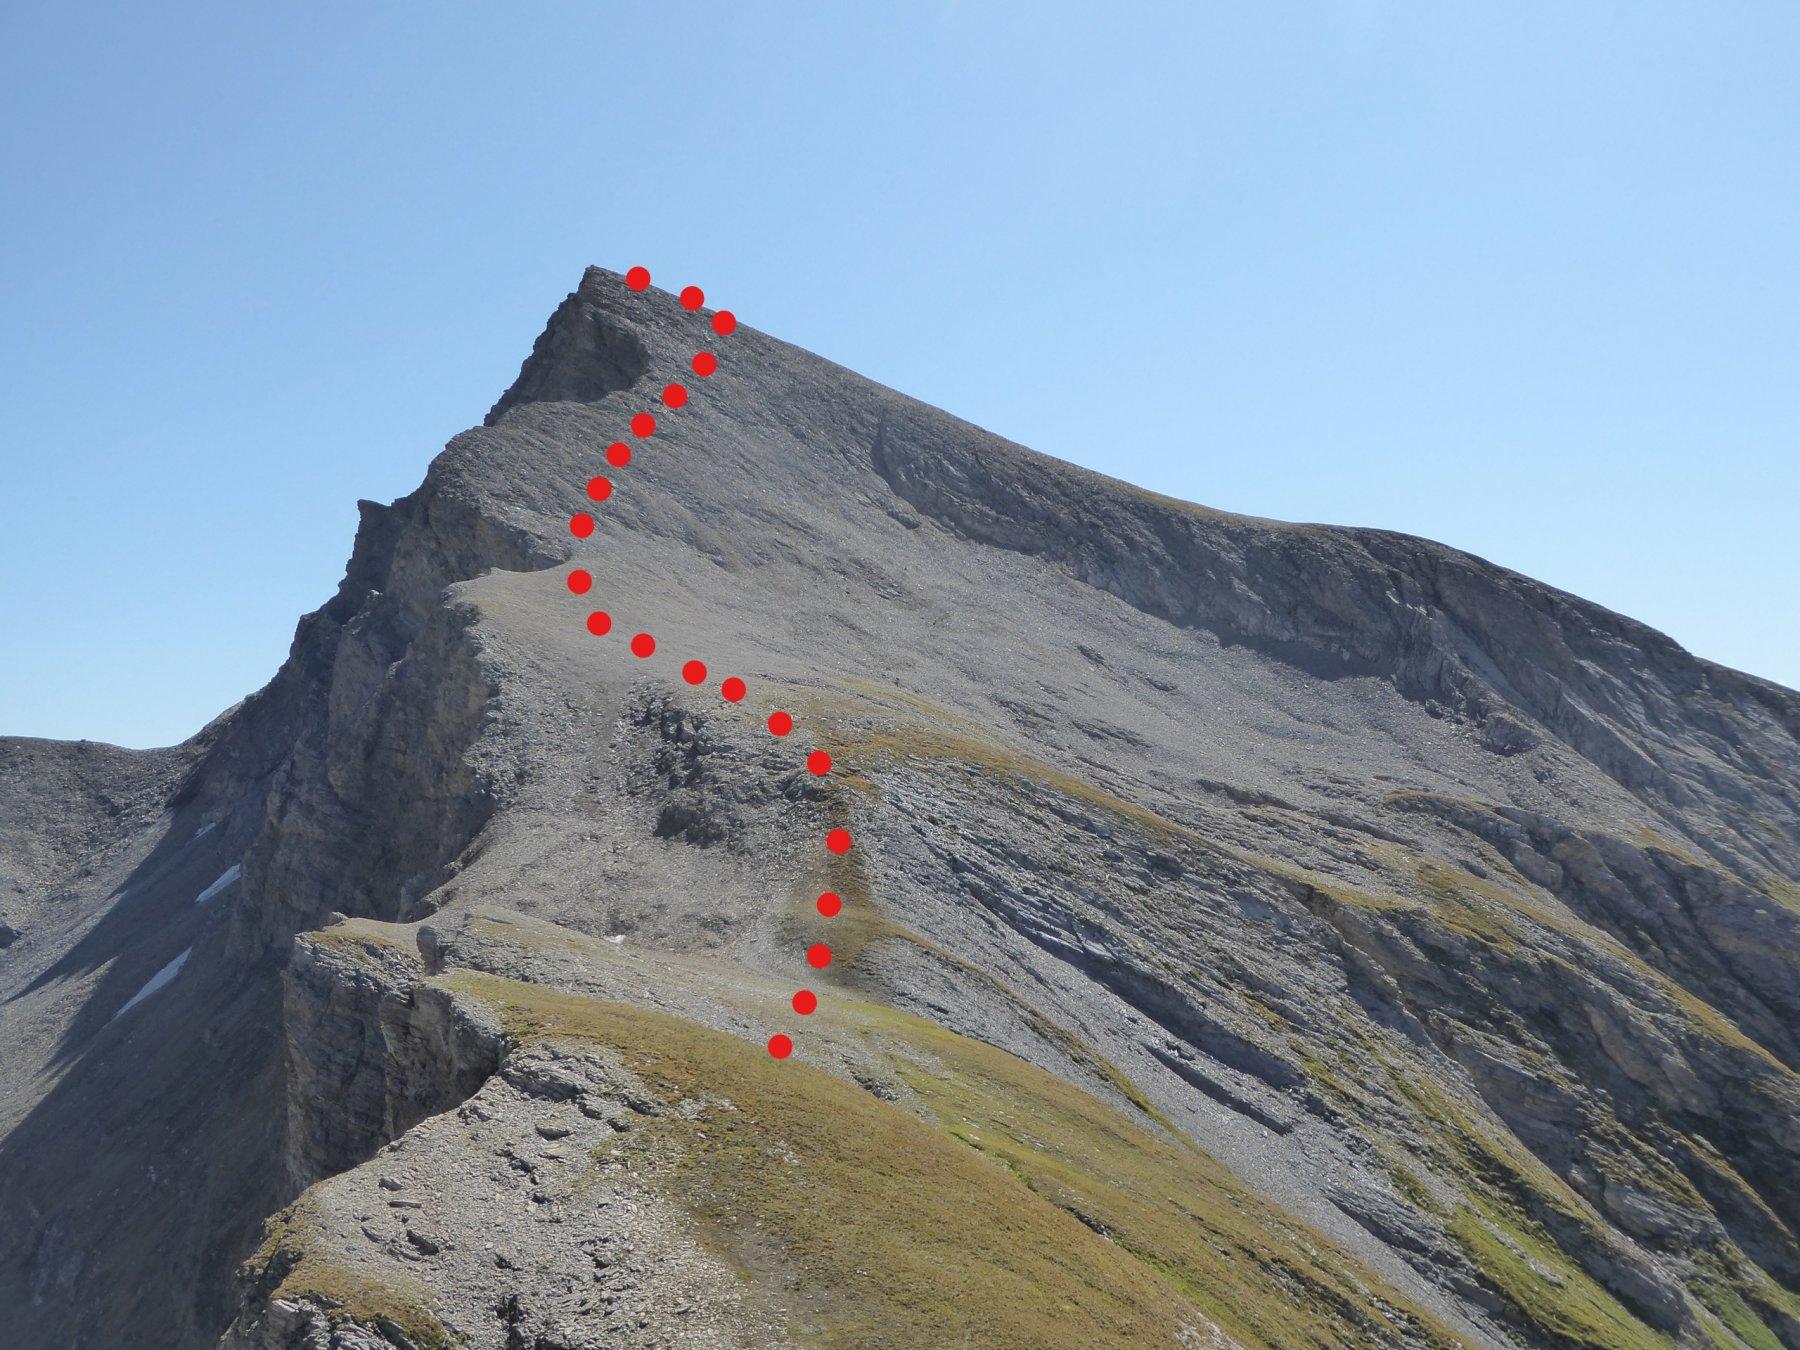 dal colletto 2850 sguardo verso gli ultimi 200 metri per la cima